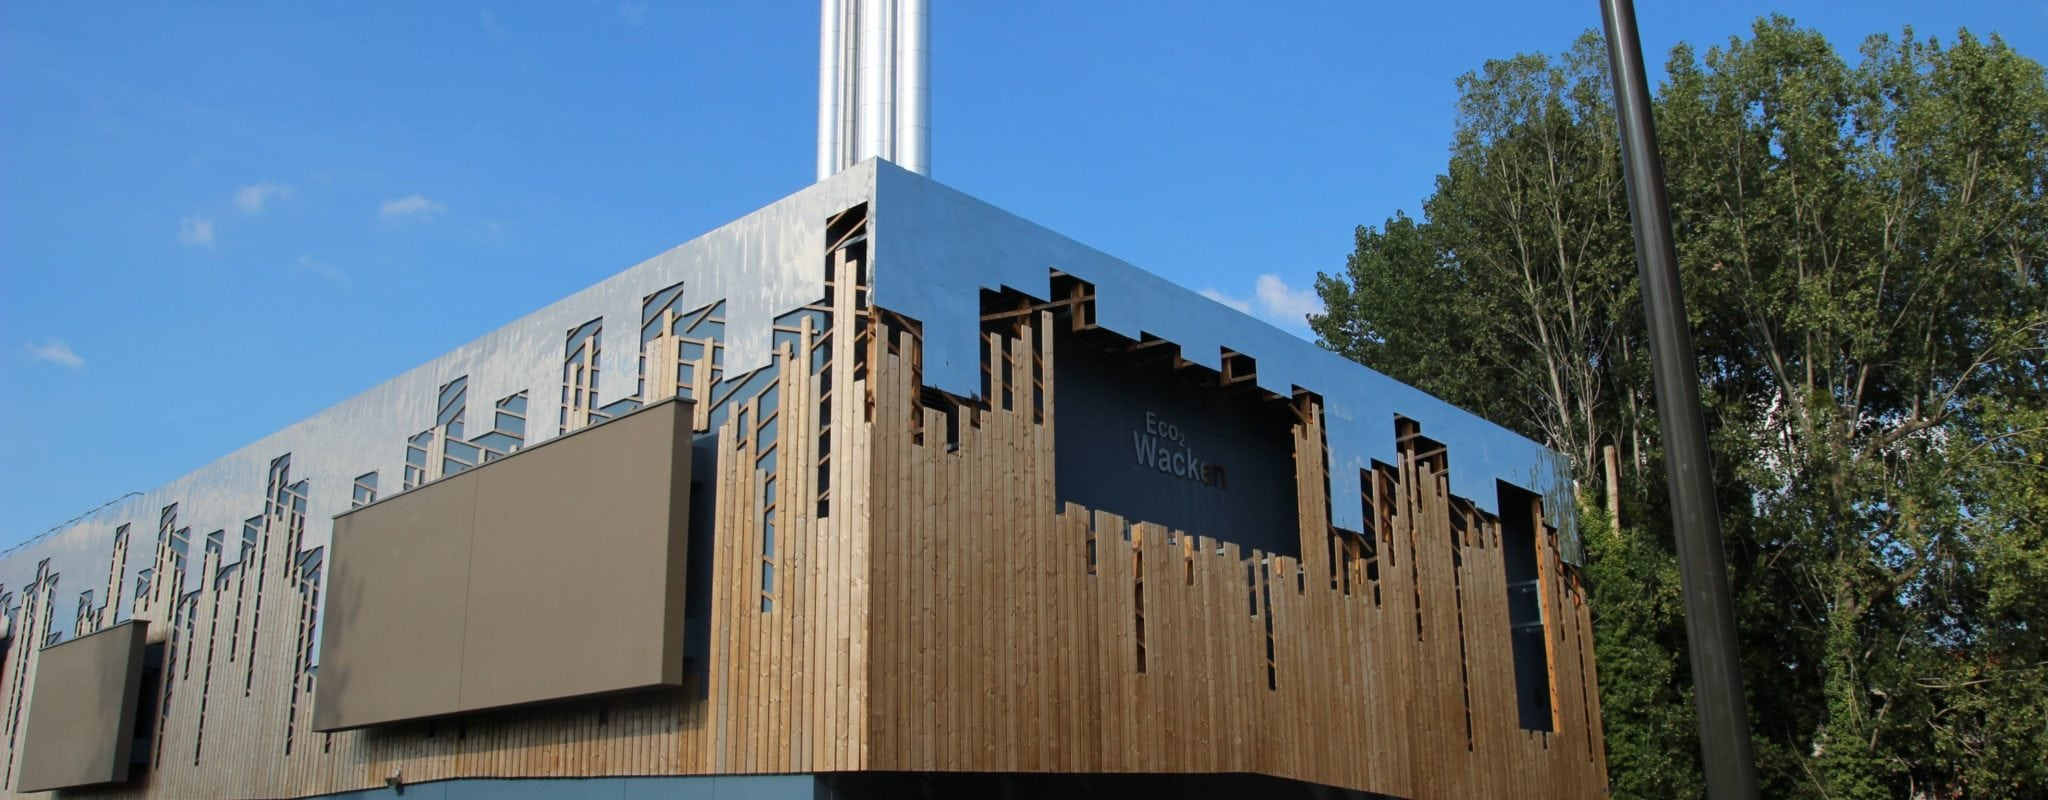 Strasbourg mise sur la biomasse, énergie renouvelable, pour ses réseaux de chaleur